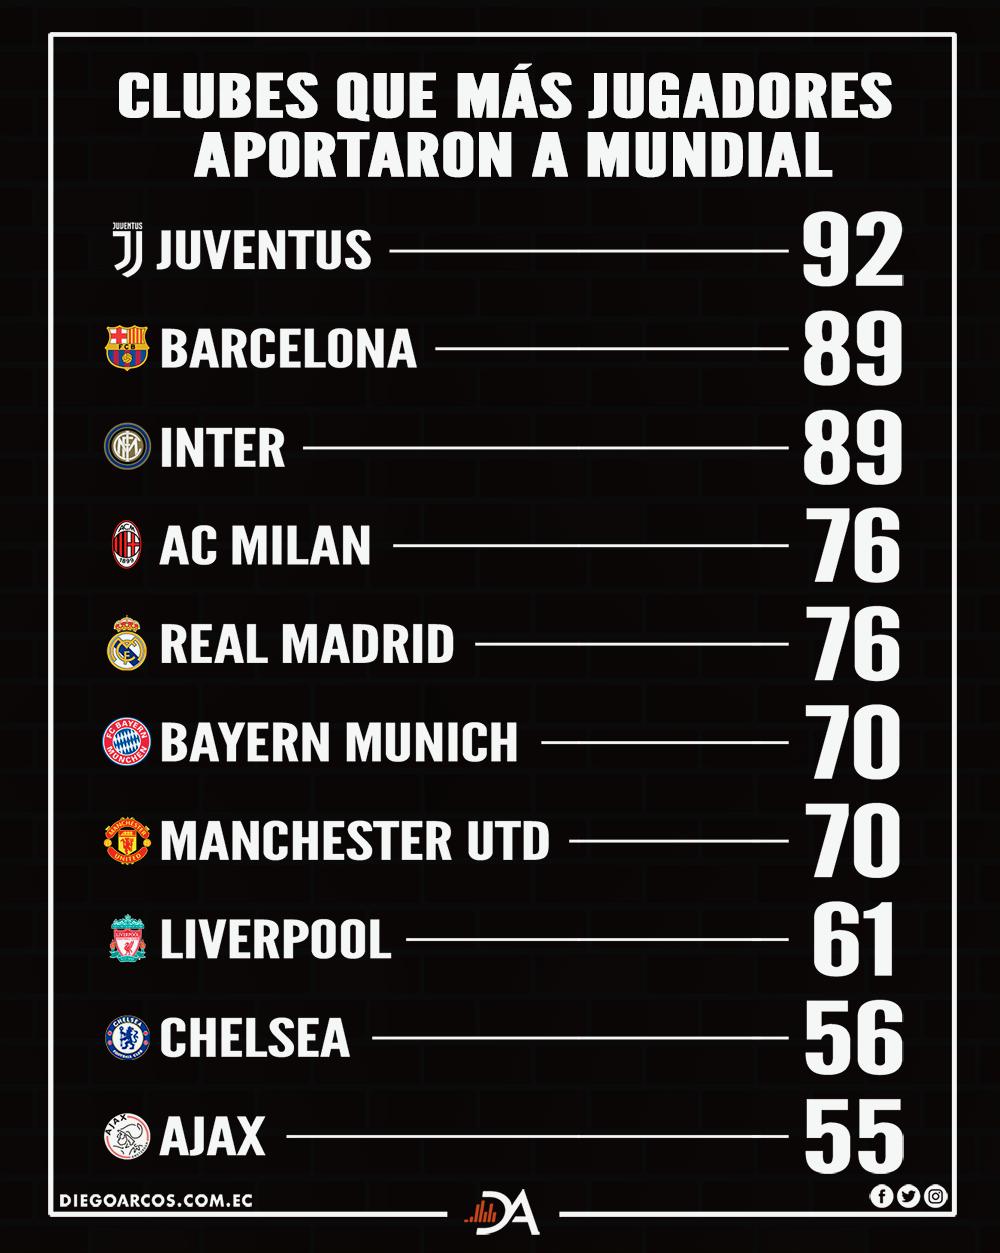 Los clubes y los aportes de sus jugadores a mundiales de fútbol